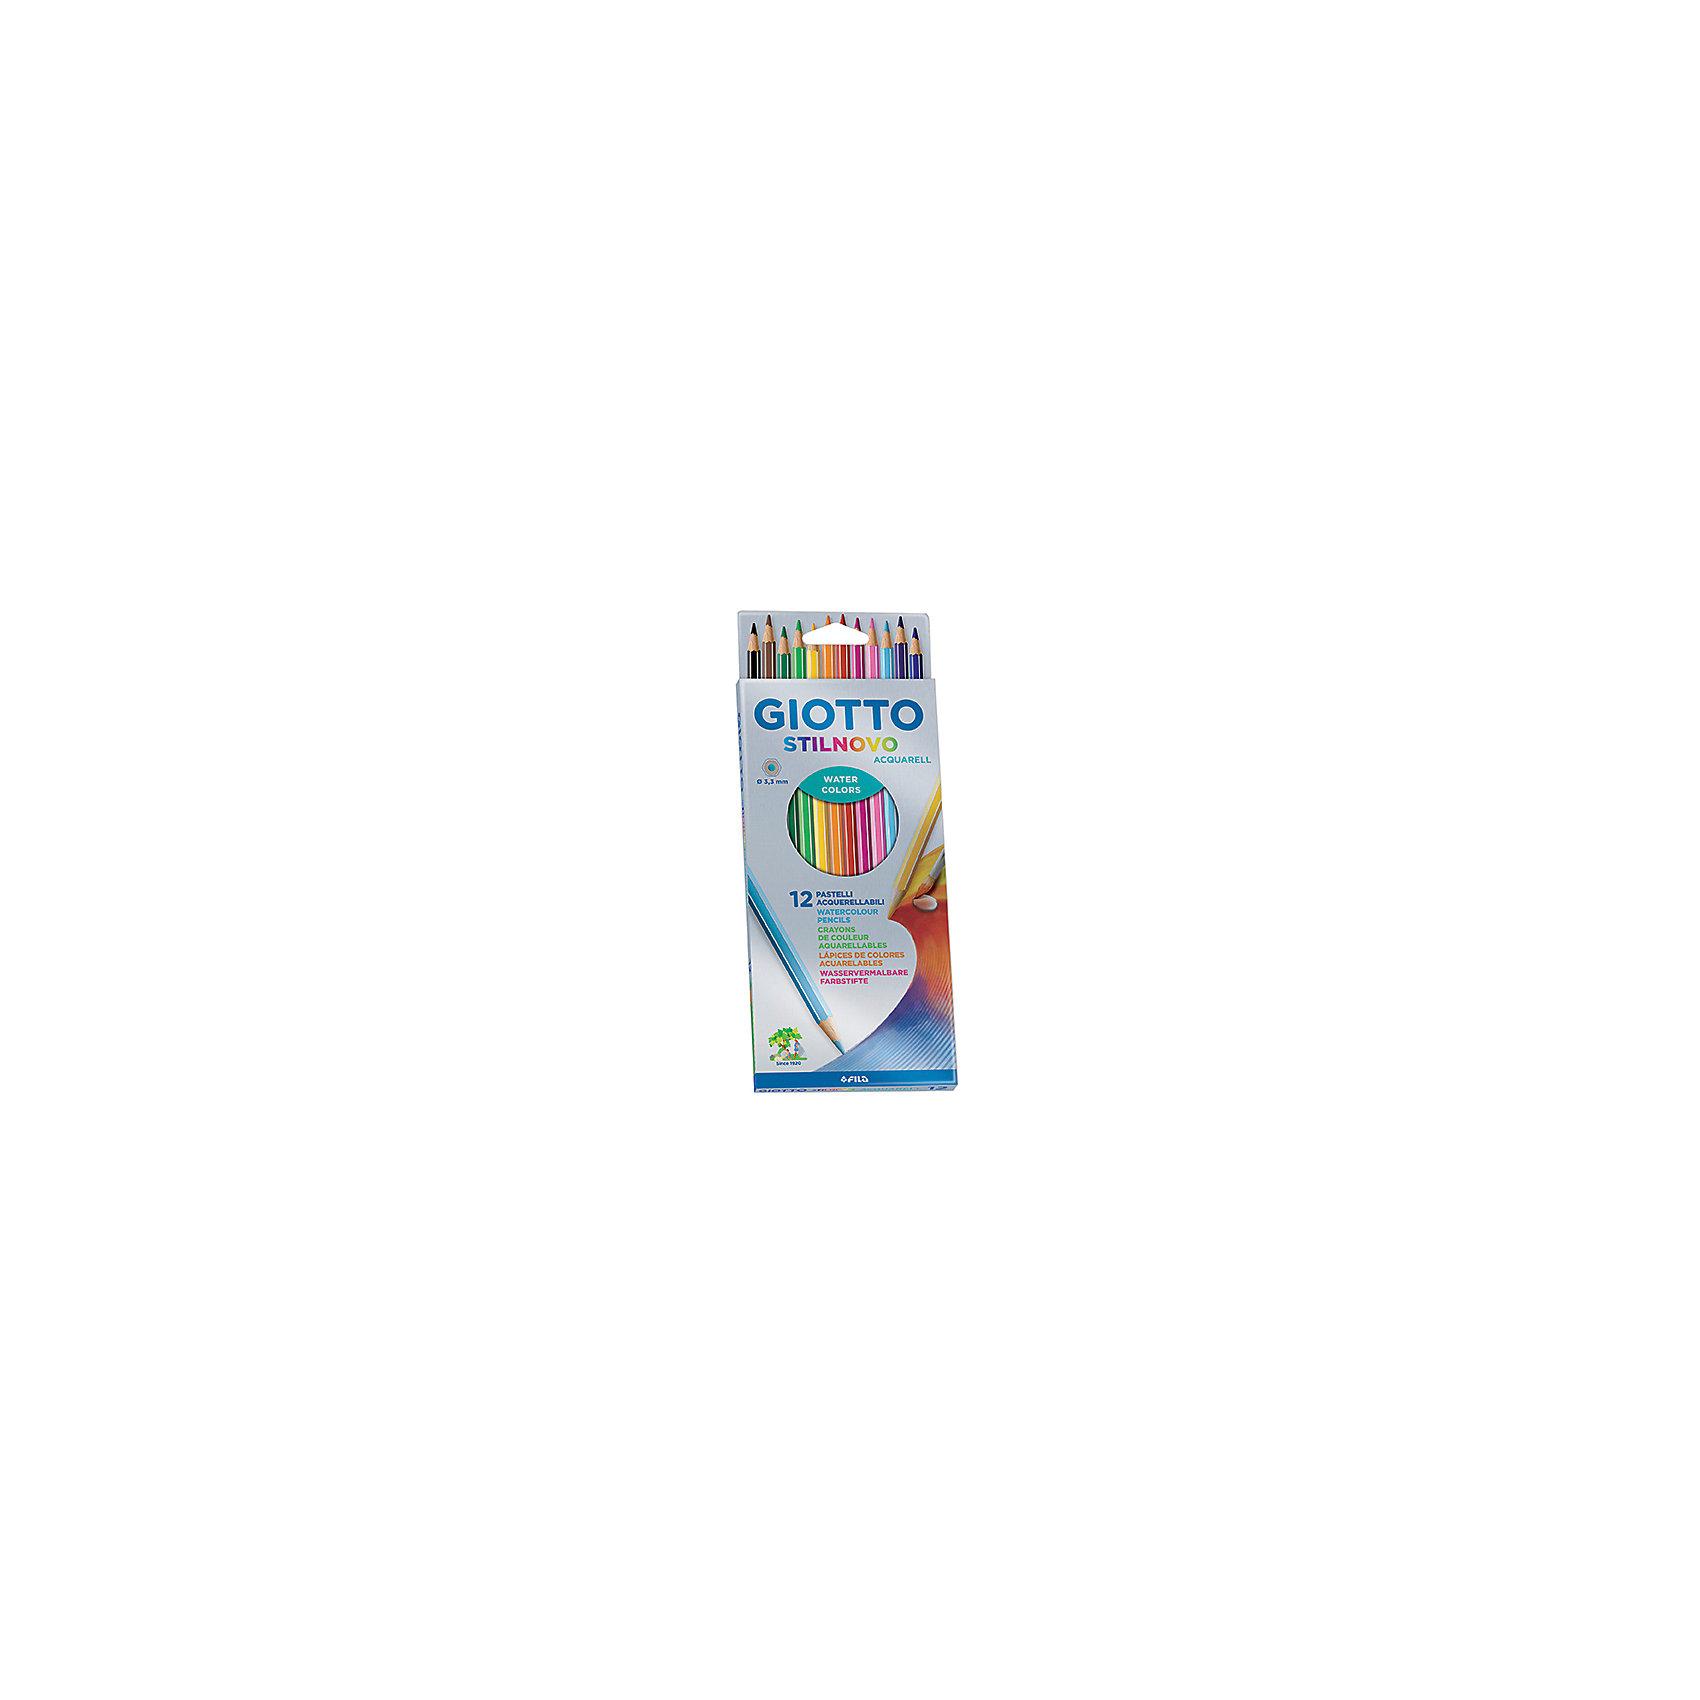 Акварельные цветные карандашии, 12 шт, кисть в комплекте.Письменные принадлежности<br>Характеристики товара:<br><br>• в комплекте: 12 карандашей (12 цветов), кисть;<br>• толщина грифеля: 3,3 мм;<br>• размер упаковки: 9х19х1 см;<br>• вес: 83 грамма;<br>• материал: дерево;<br>• возраст: от 3 лет.<br><br>Акварельные карандаши Giotto STILNOVO ACQUARELL AST прекрасно подойдут для рисования, раскрашивания и художественных занятий. В набор входят 12 карандашей ярких цветов. Во время рисования карандаши не ломаются, мягко пишут и хорошо размываются водой. Карандаши хорошо затачиваются, не требуя больших усилий.<br><br>Giotto (Джотто) STILNOVO ACQUARELL AST 12цв Цветные гексагональные акварельные деревянные карандаши можно купить в нашем интернет-магазине.<br><br>Ширина мм: 90<br>Глубина мм: 21<br>Высота мм: 180<br>Вес г: 83<br>Возраст от месяцев: 72<br>Возраст до месяцев: 2147483647<br>Пол: Унисекс<br>Возраст: Детский<br>SKU: 5107787